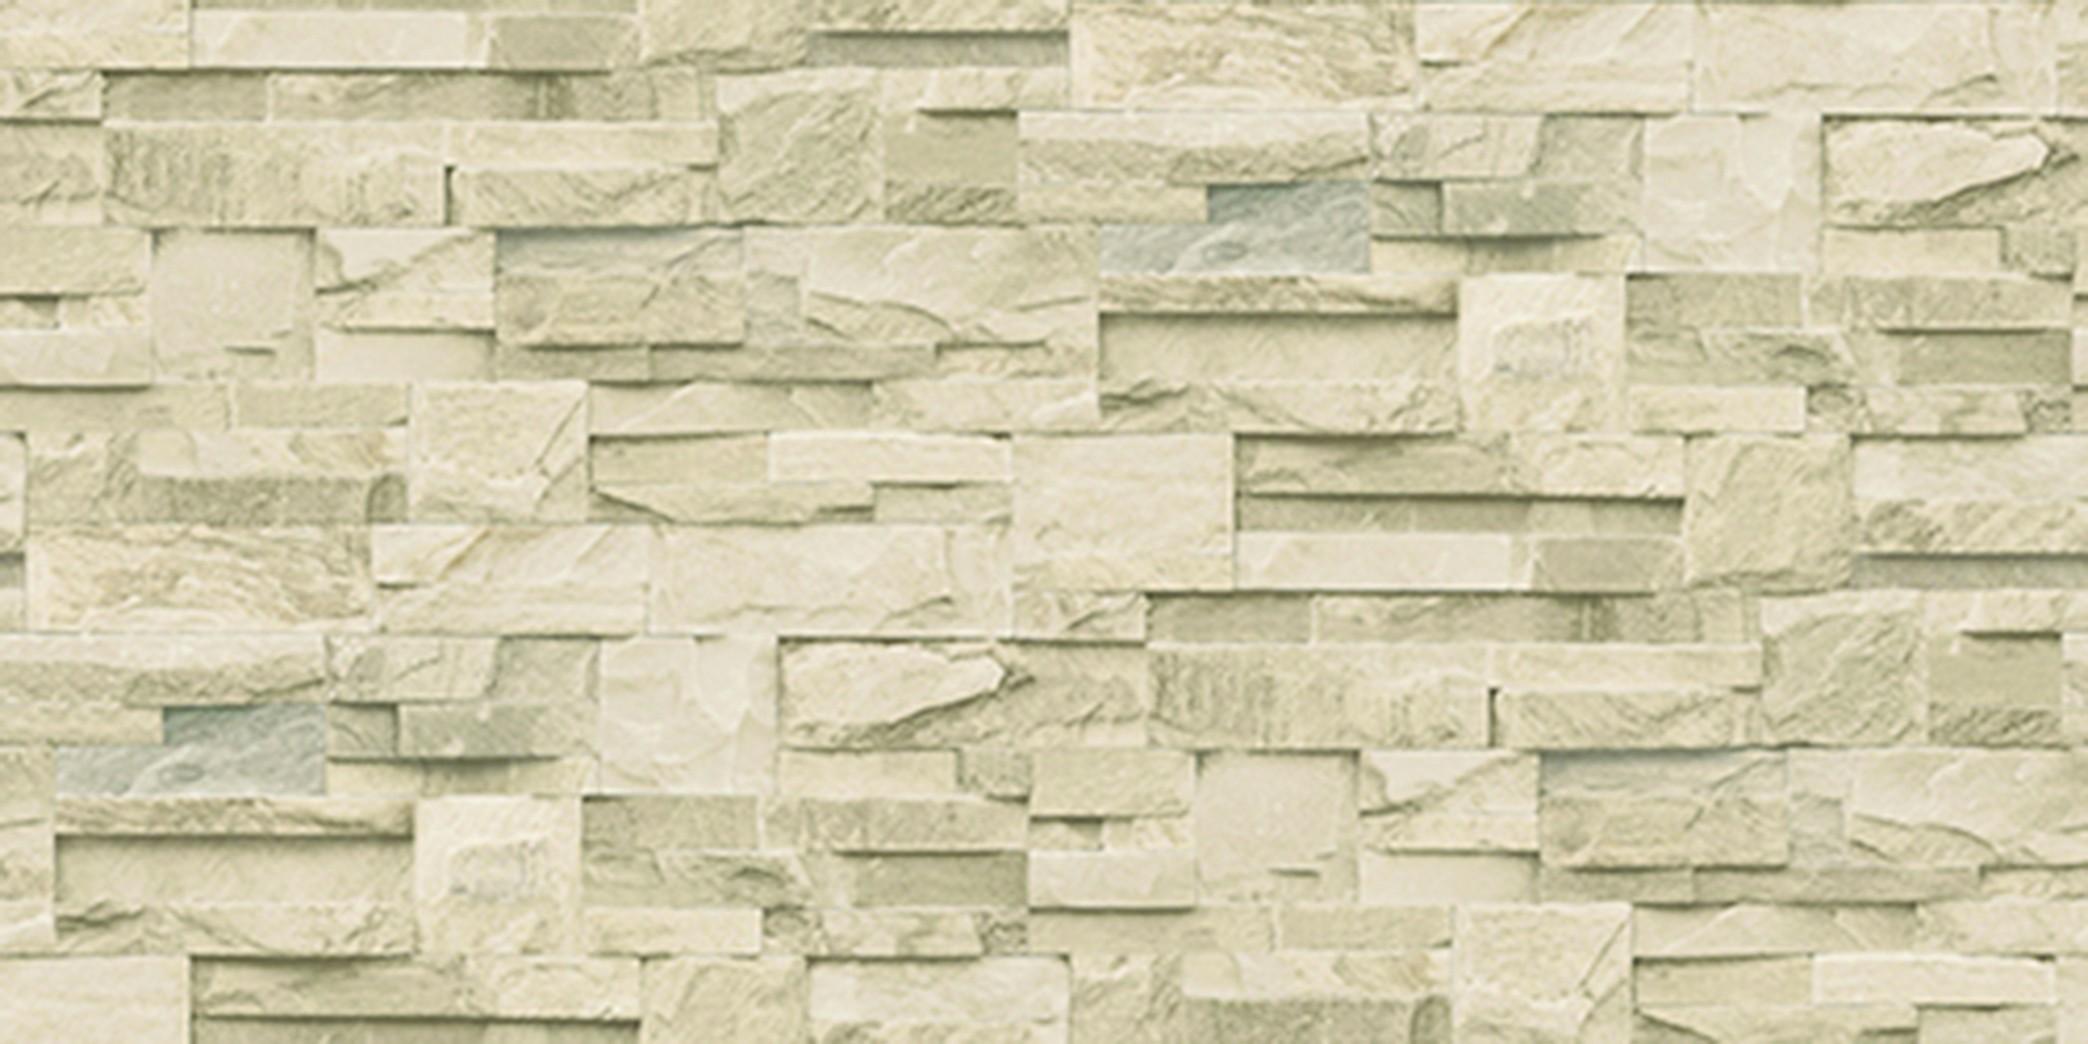 Tapety na zeď Vavex J274-07 | 0,53 x 10,05 m (Vinylová tapeta - béžová)